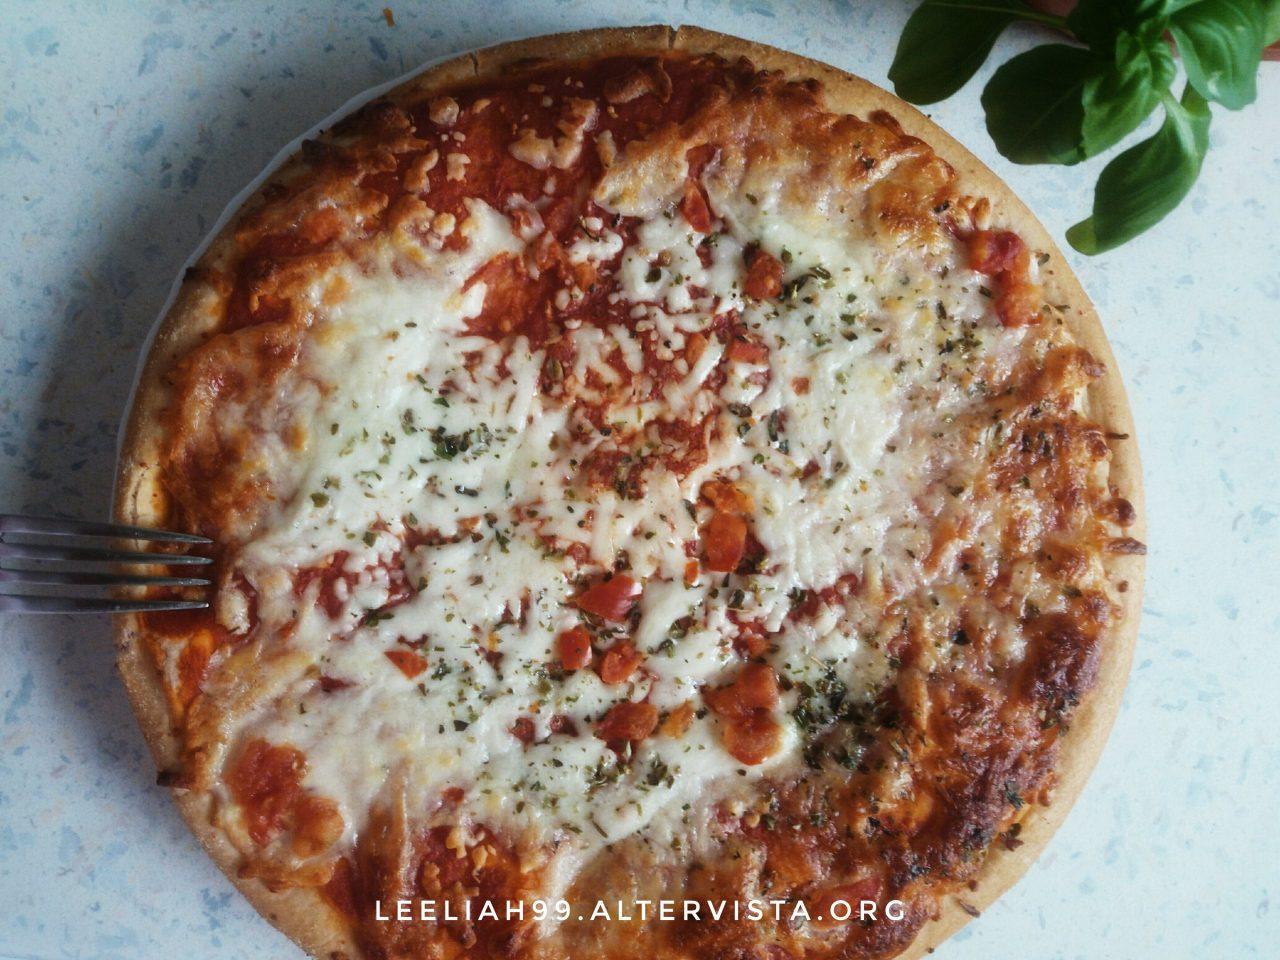 Pizza senza glutine e lattosio © leeliah99.altervista.org